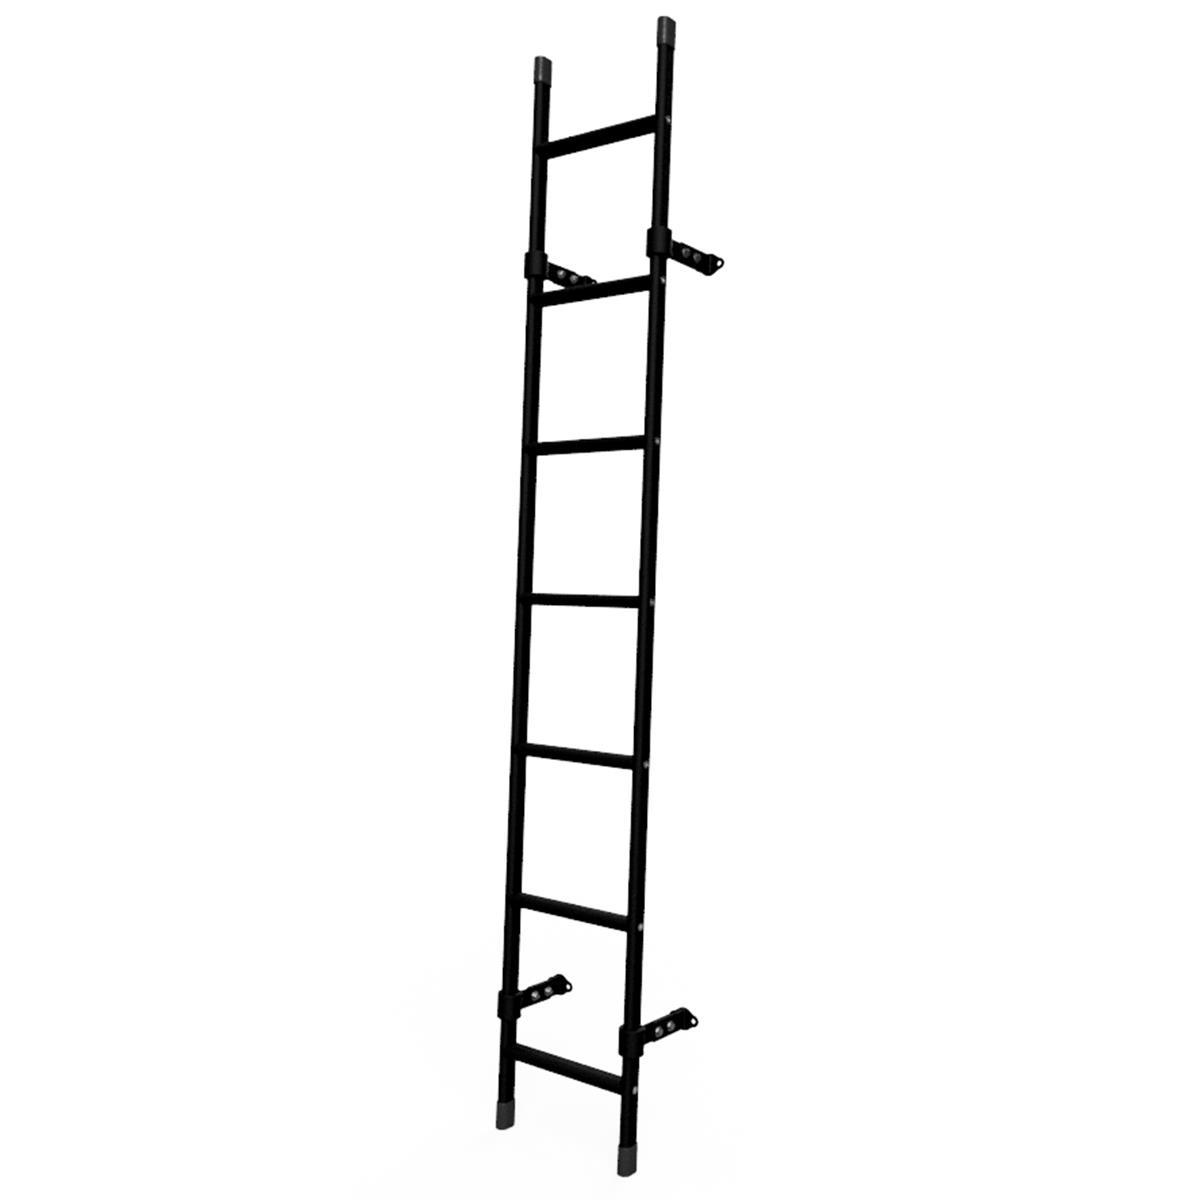 Vantech Rear Access Ladder